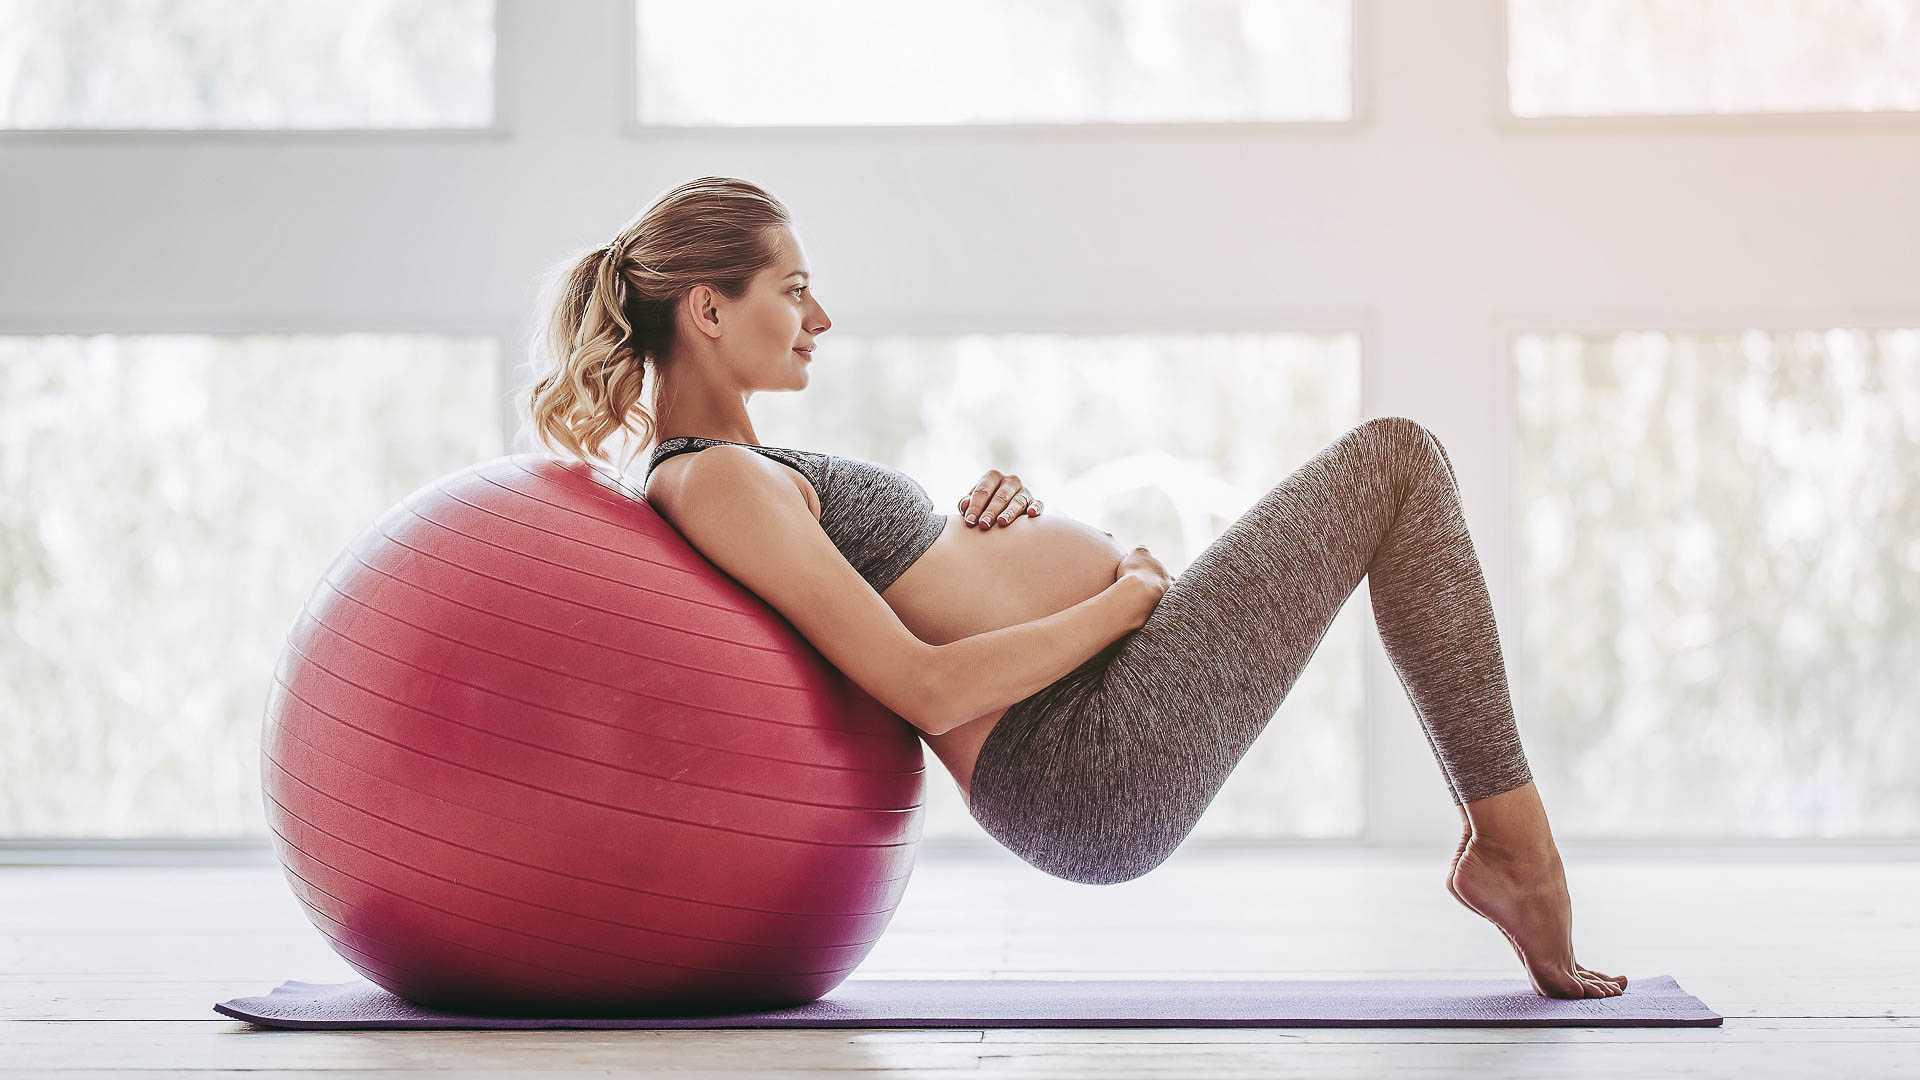 Программа фитнеса для беременных с трейси андерсон